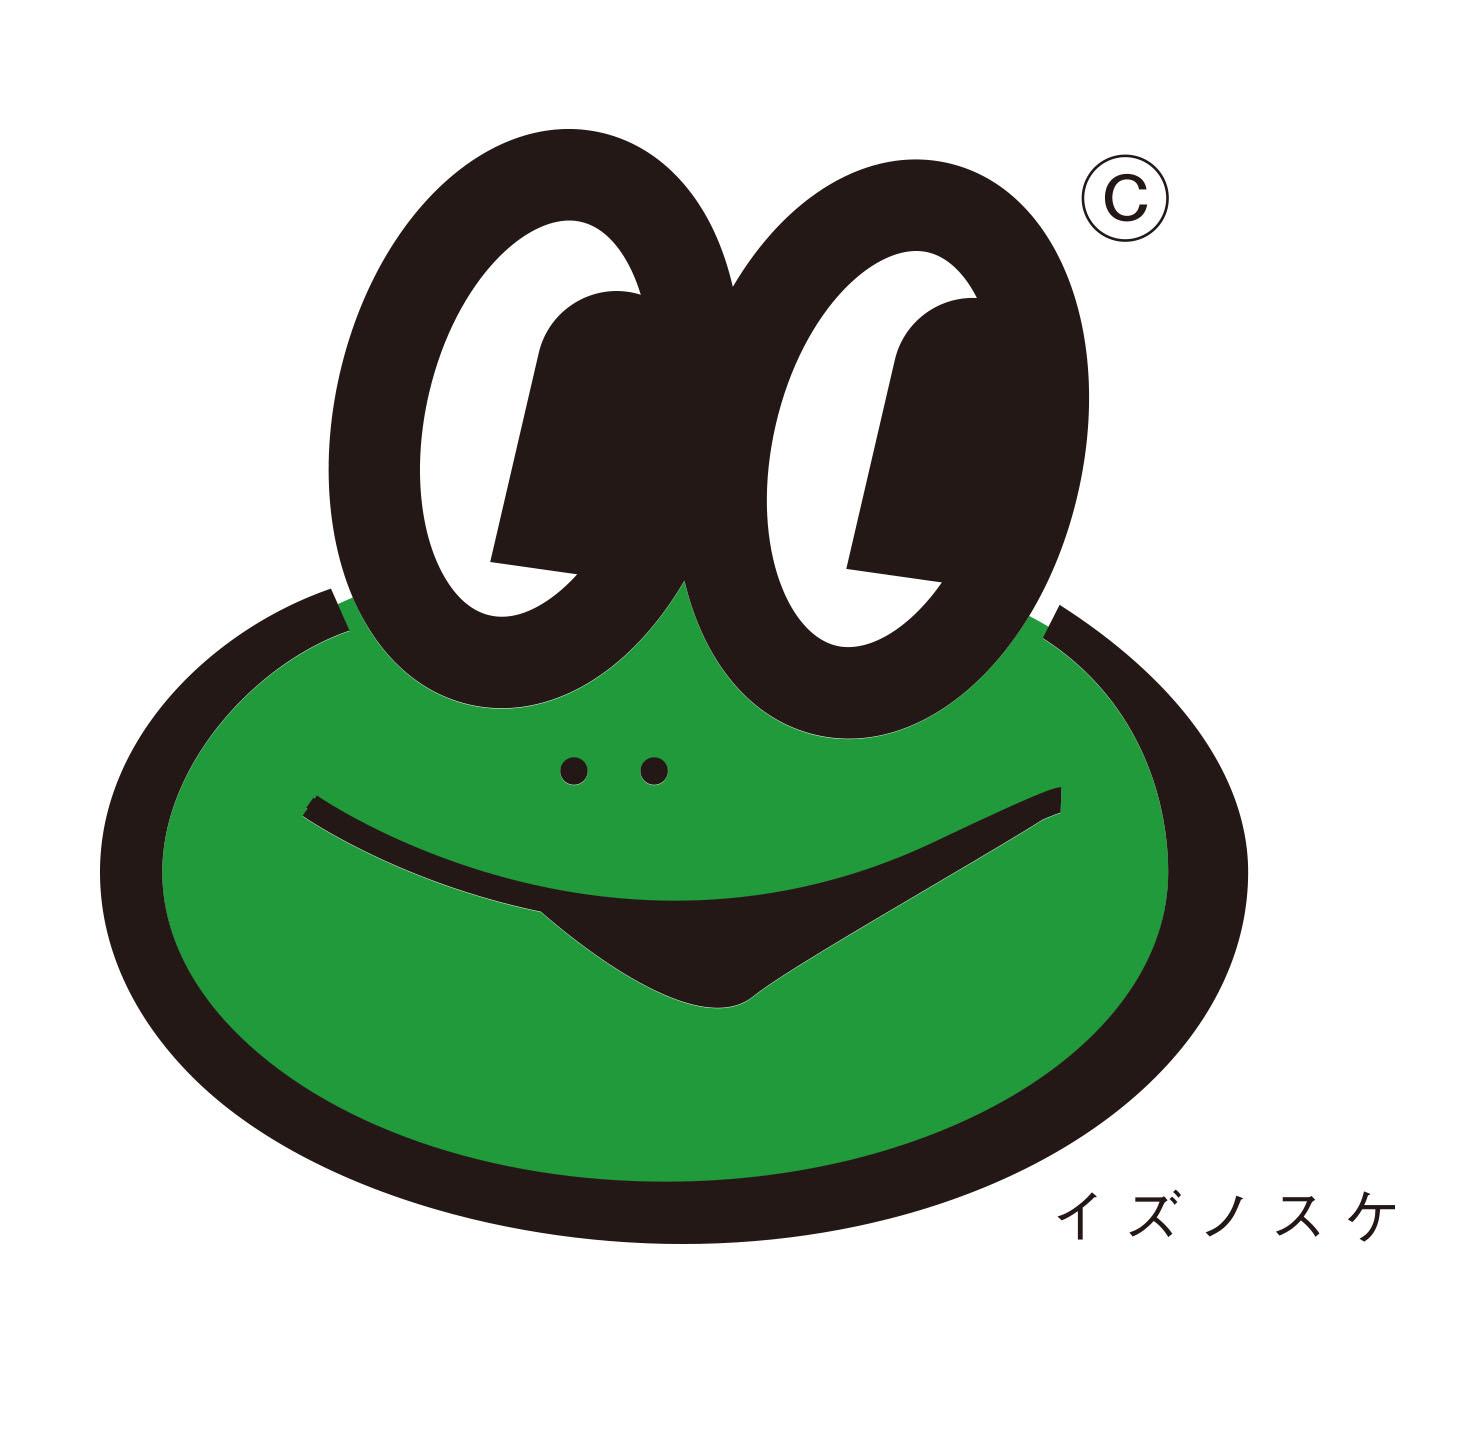 izunosuke_logo